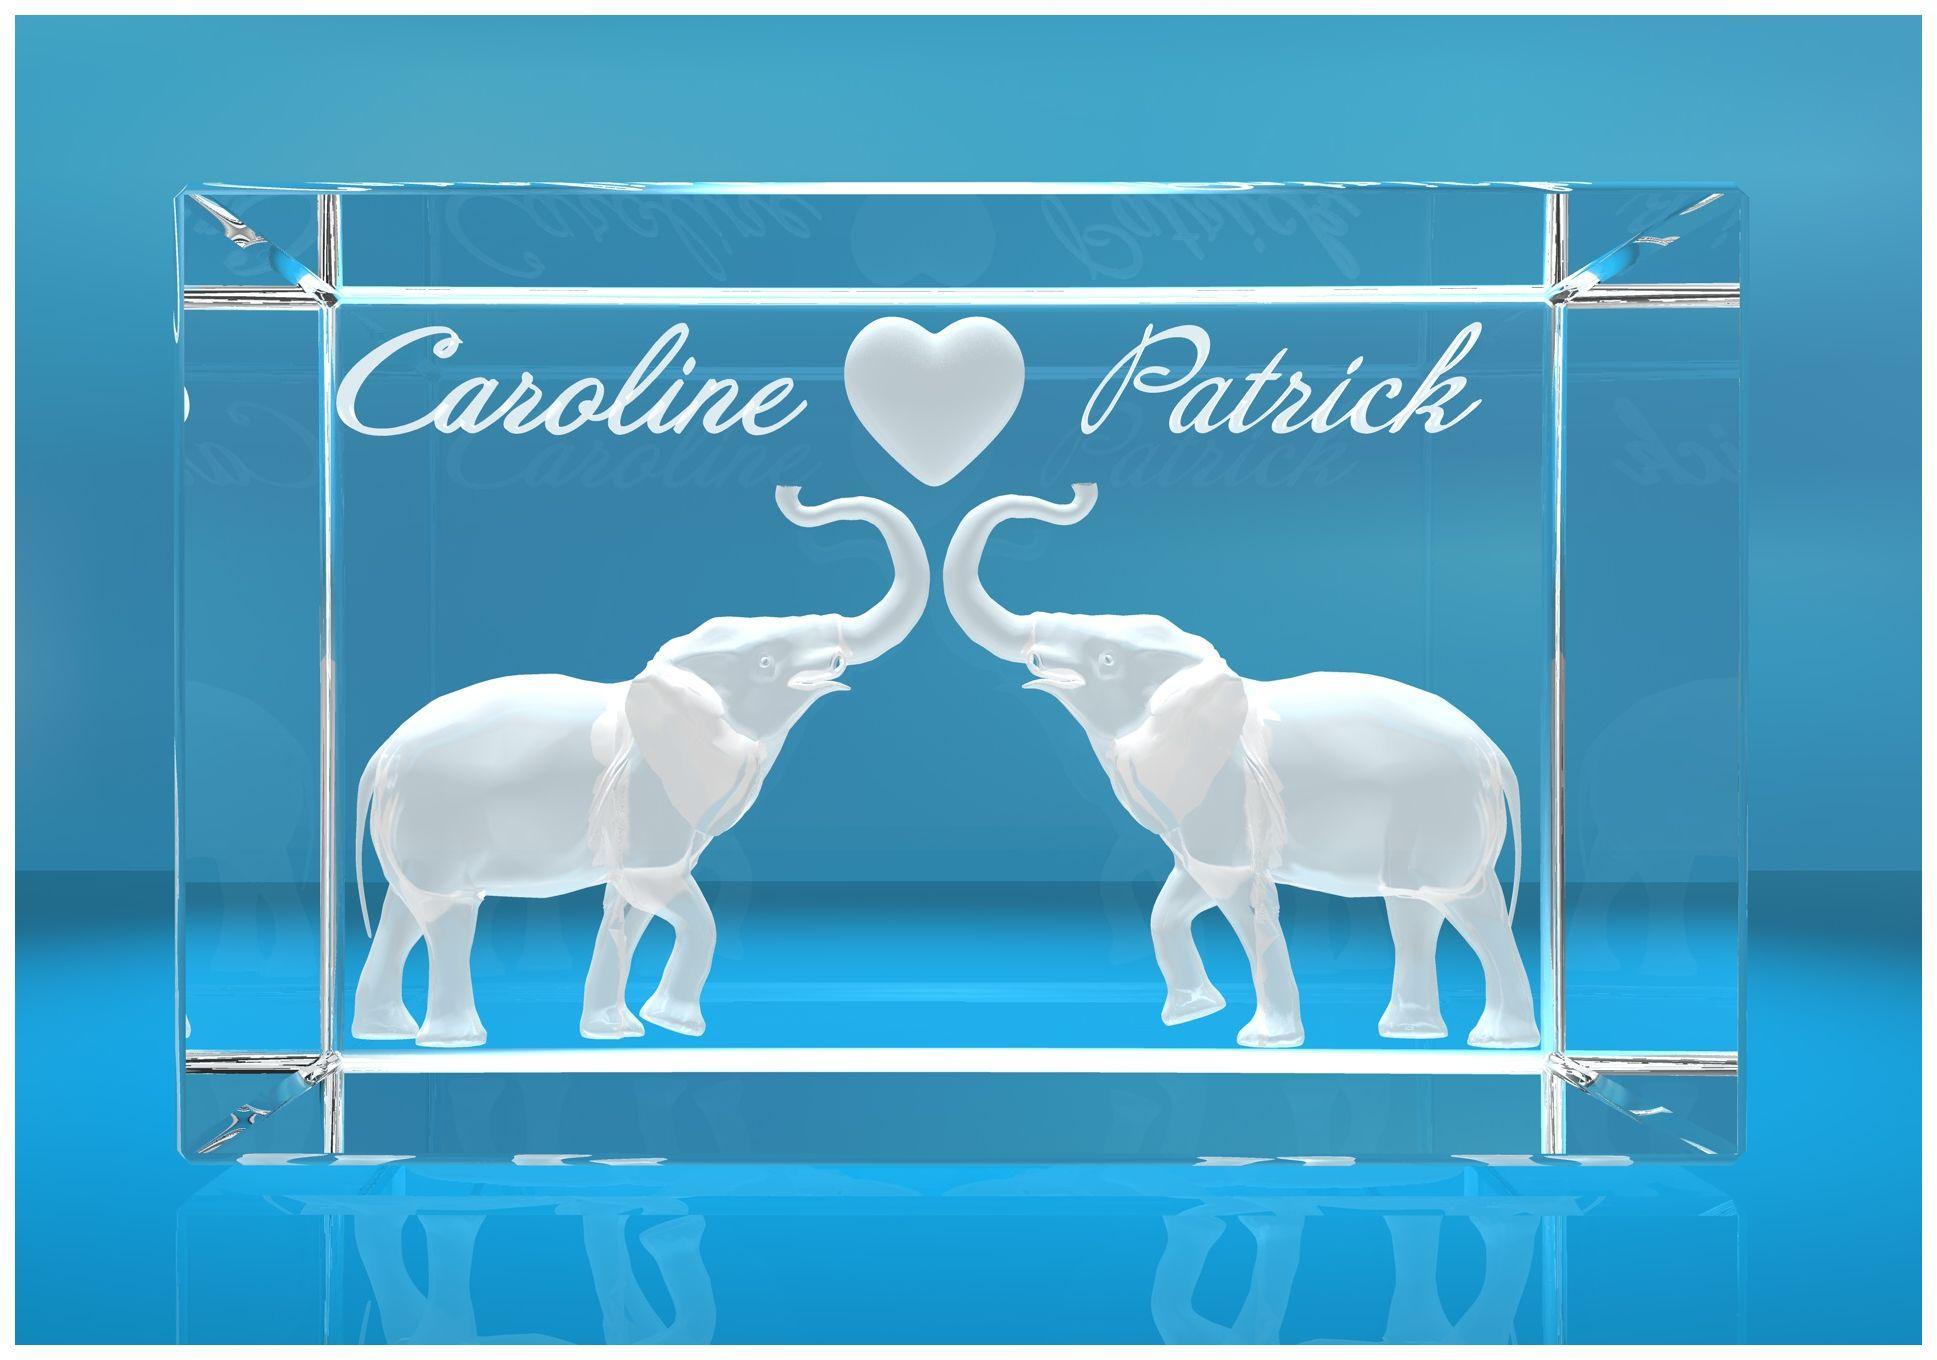 3D Glasquader   verliebte Elefanten mit Herz in 3D und zwei Wunschnamen   Geschenk für den Partner die Partnerin   zum Valentinstag Jahrestag Hochzeit